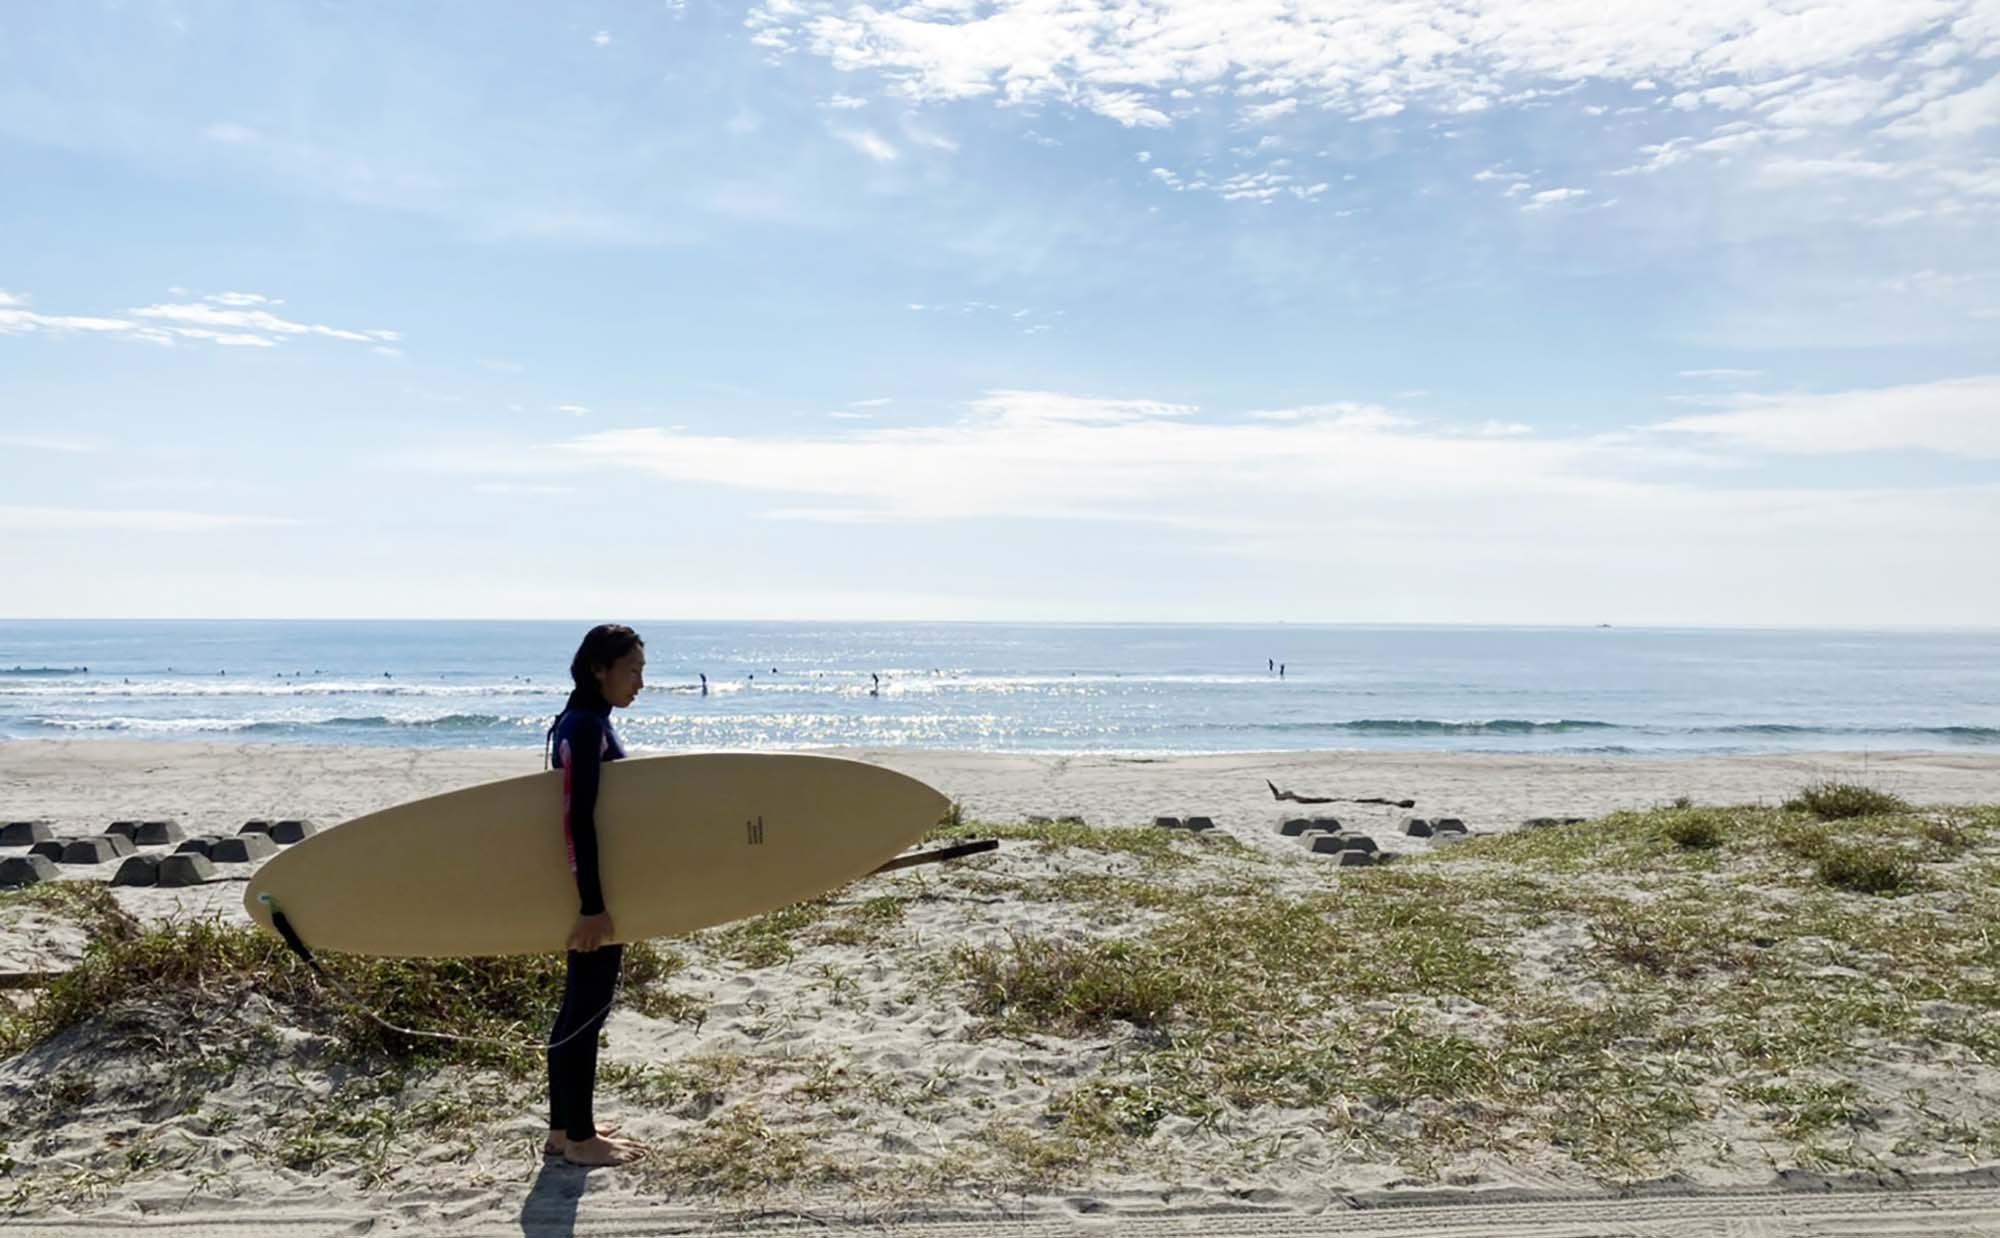 私が愛知県で暮らすワケ。海がすぐそこにある、理想のサーフィンライフ